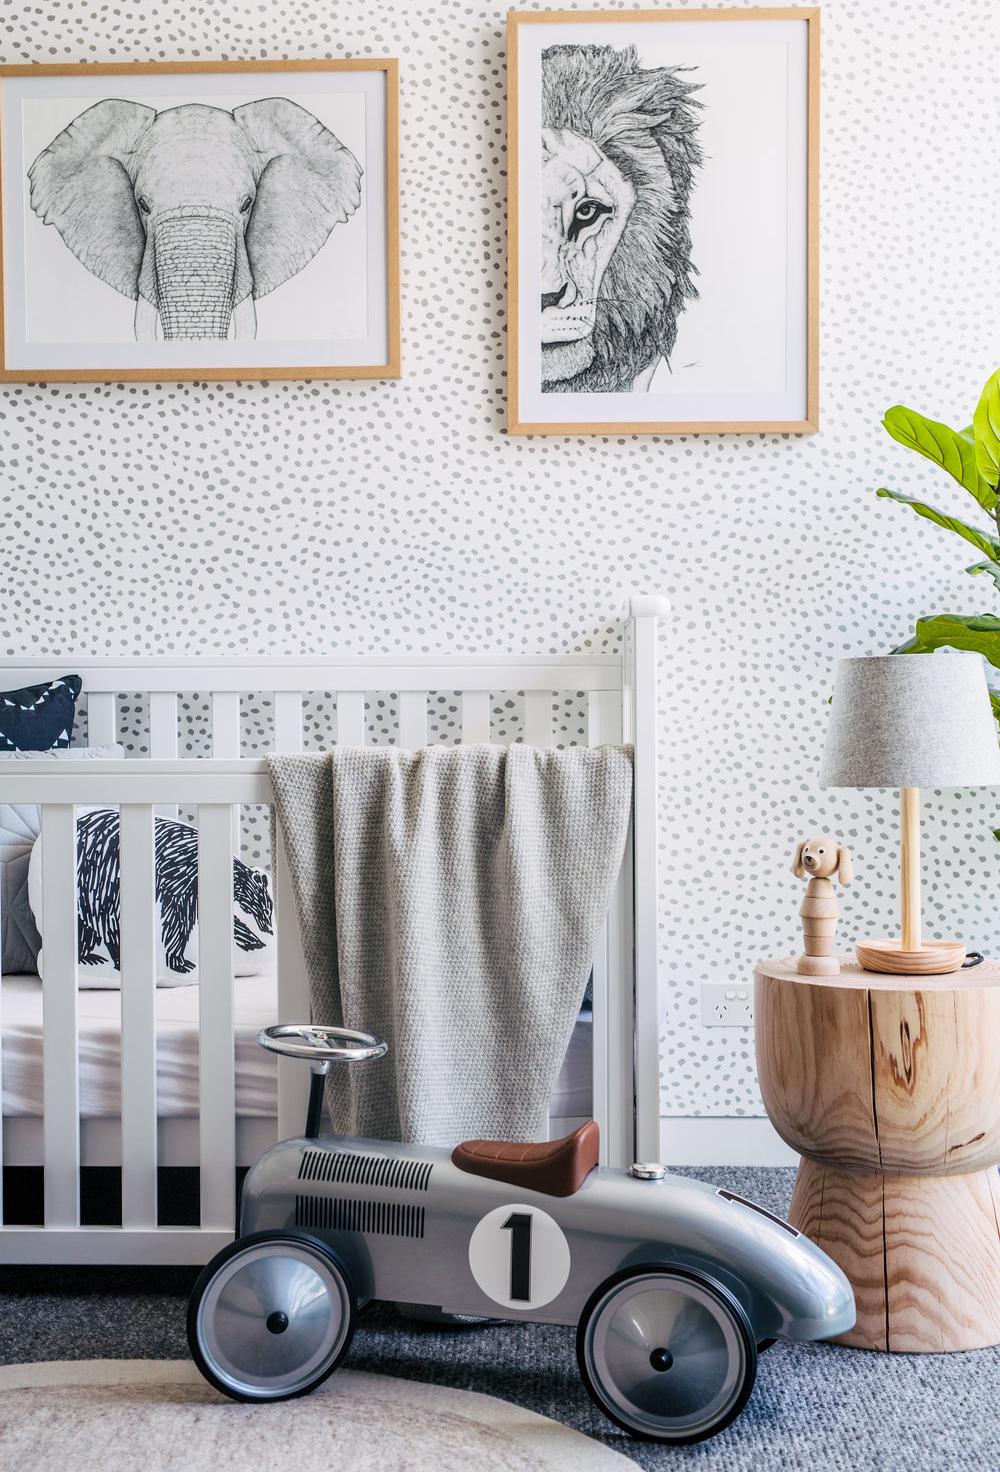 As decorações em branco e cinza estão conquistando todo mundo, e ganham mais vida com alguns toques pontuais de cores